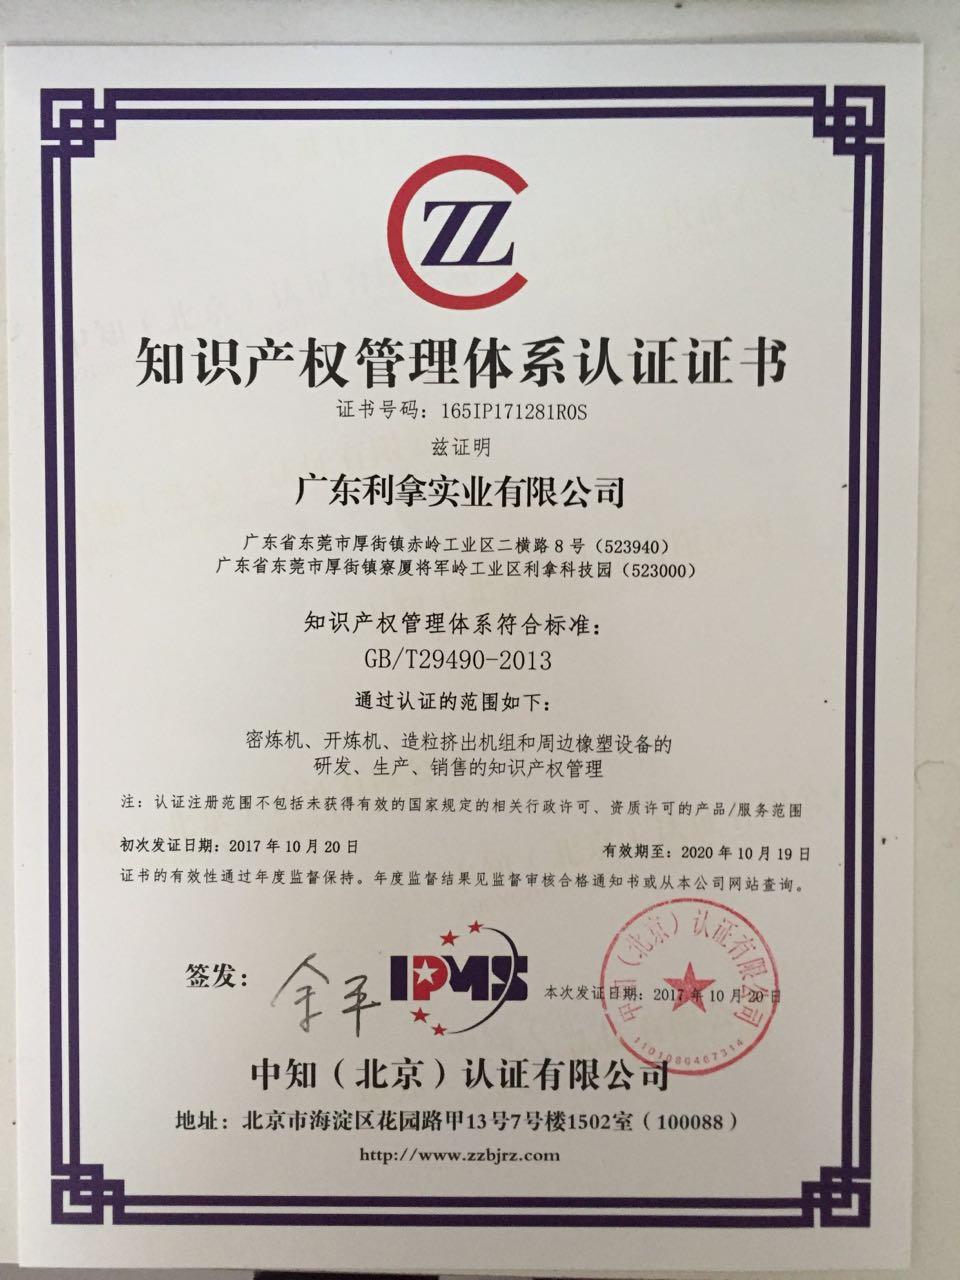 恭喜广东利拿荣获《知识产权管理体系认证证书》。